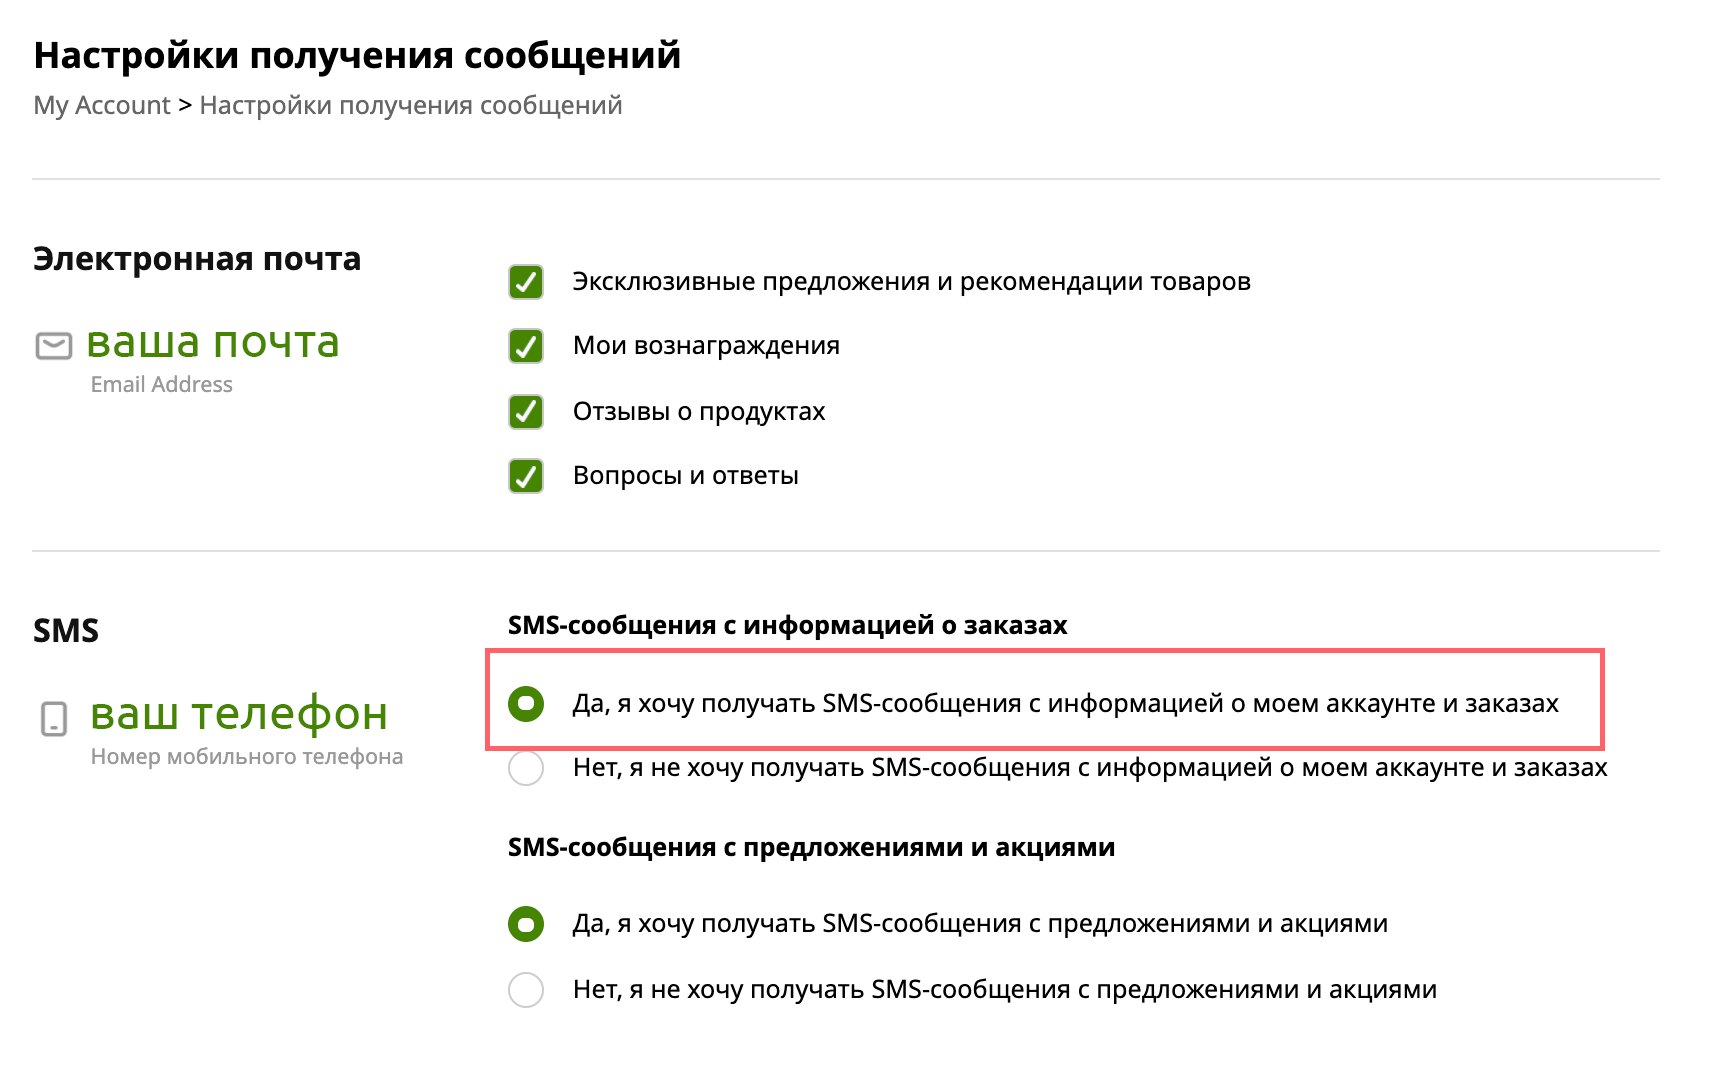 iherb приложение айхерб 2021